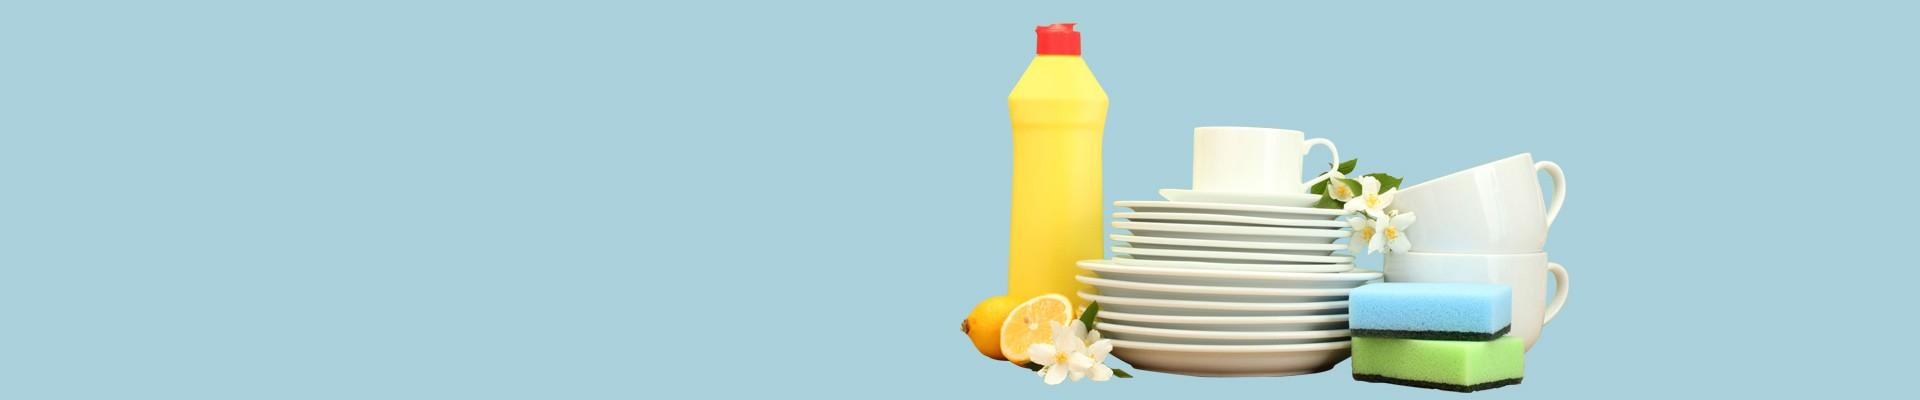 Jual Perlengkapan Cuci Piring - Harga Lebih Murah